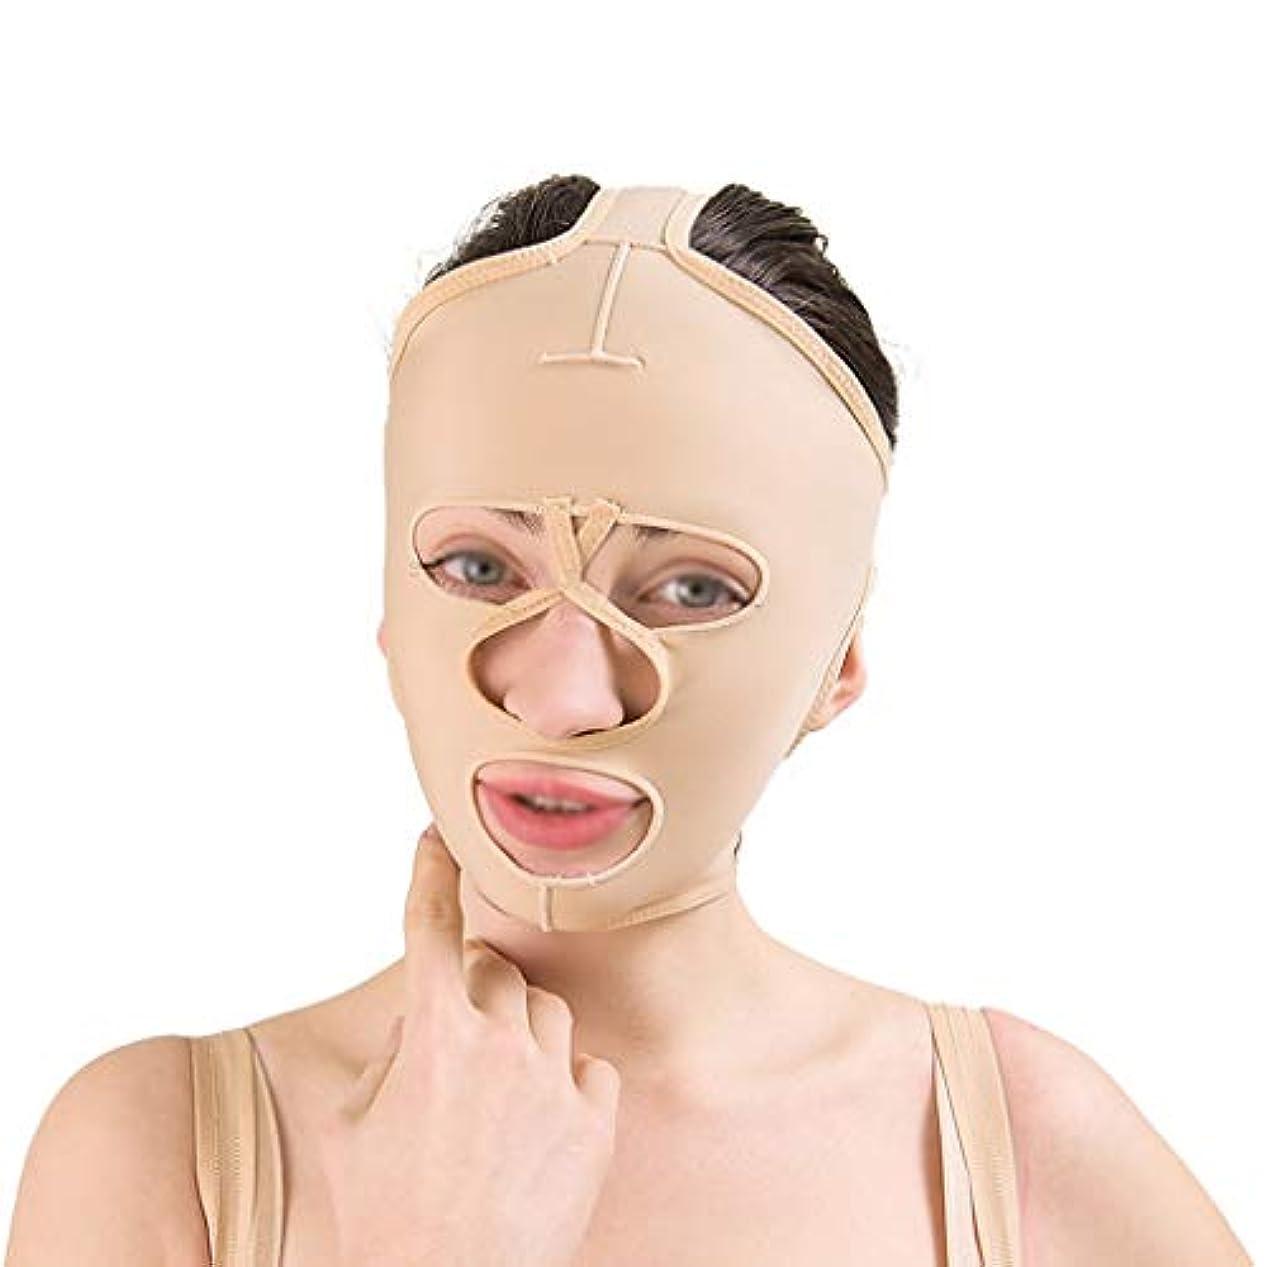 テレビ局ふくろう聴覚XHLMRMJ フェイシャルリフティングツール、フェイシャルビューティリフティングマスク、通気性のあるファーミングリフティングフェイシャル包帯、フェイシャルタイトバンデージ (Size : XL)